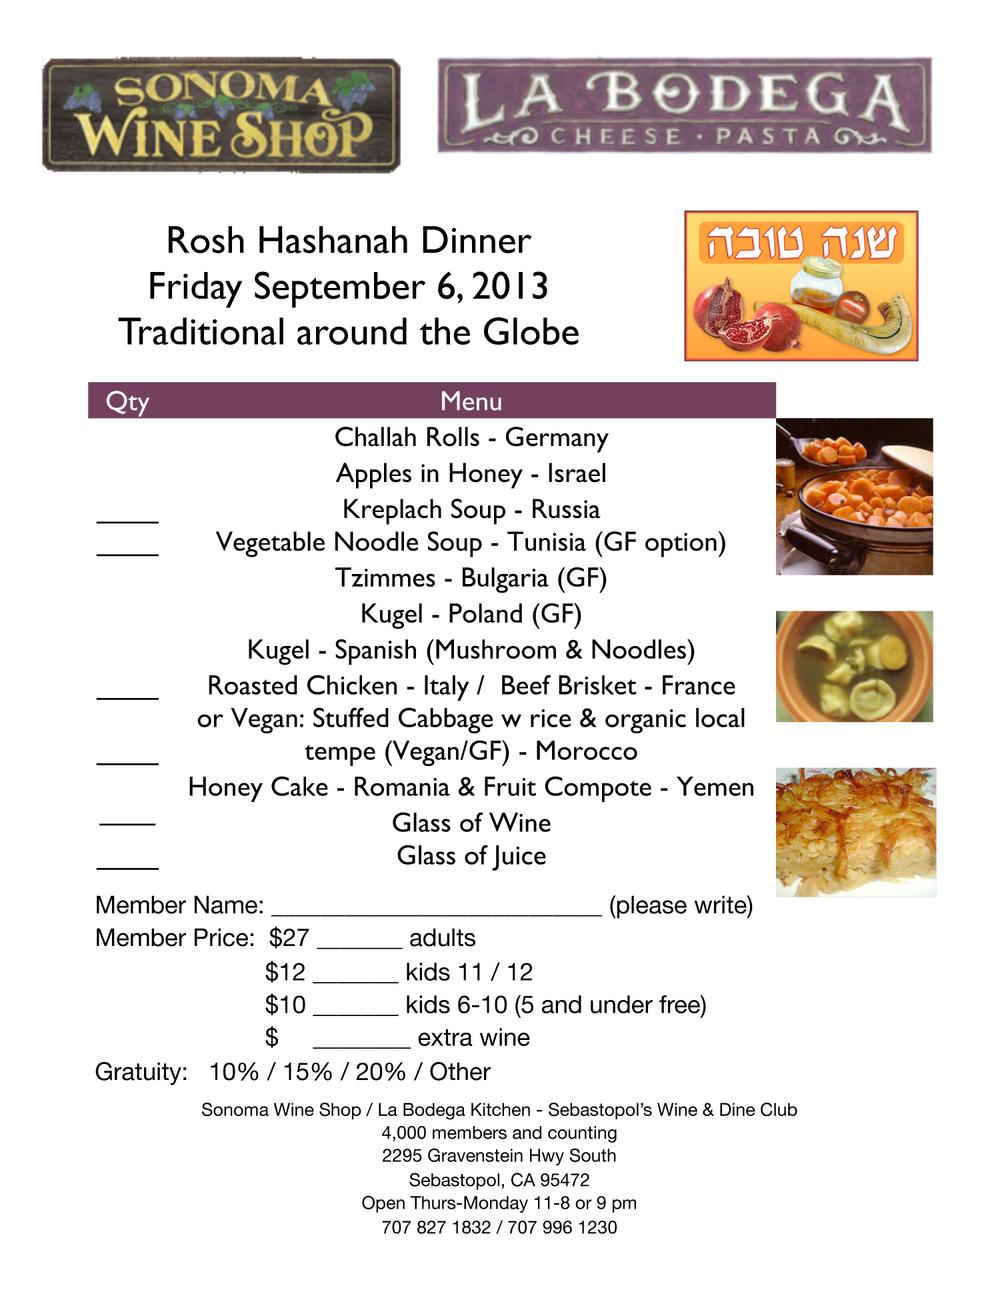 Rosh Hashanah Menu 2013.jpg